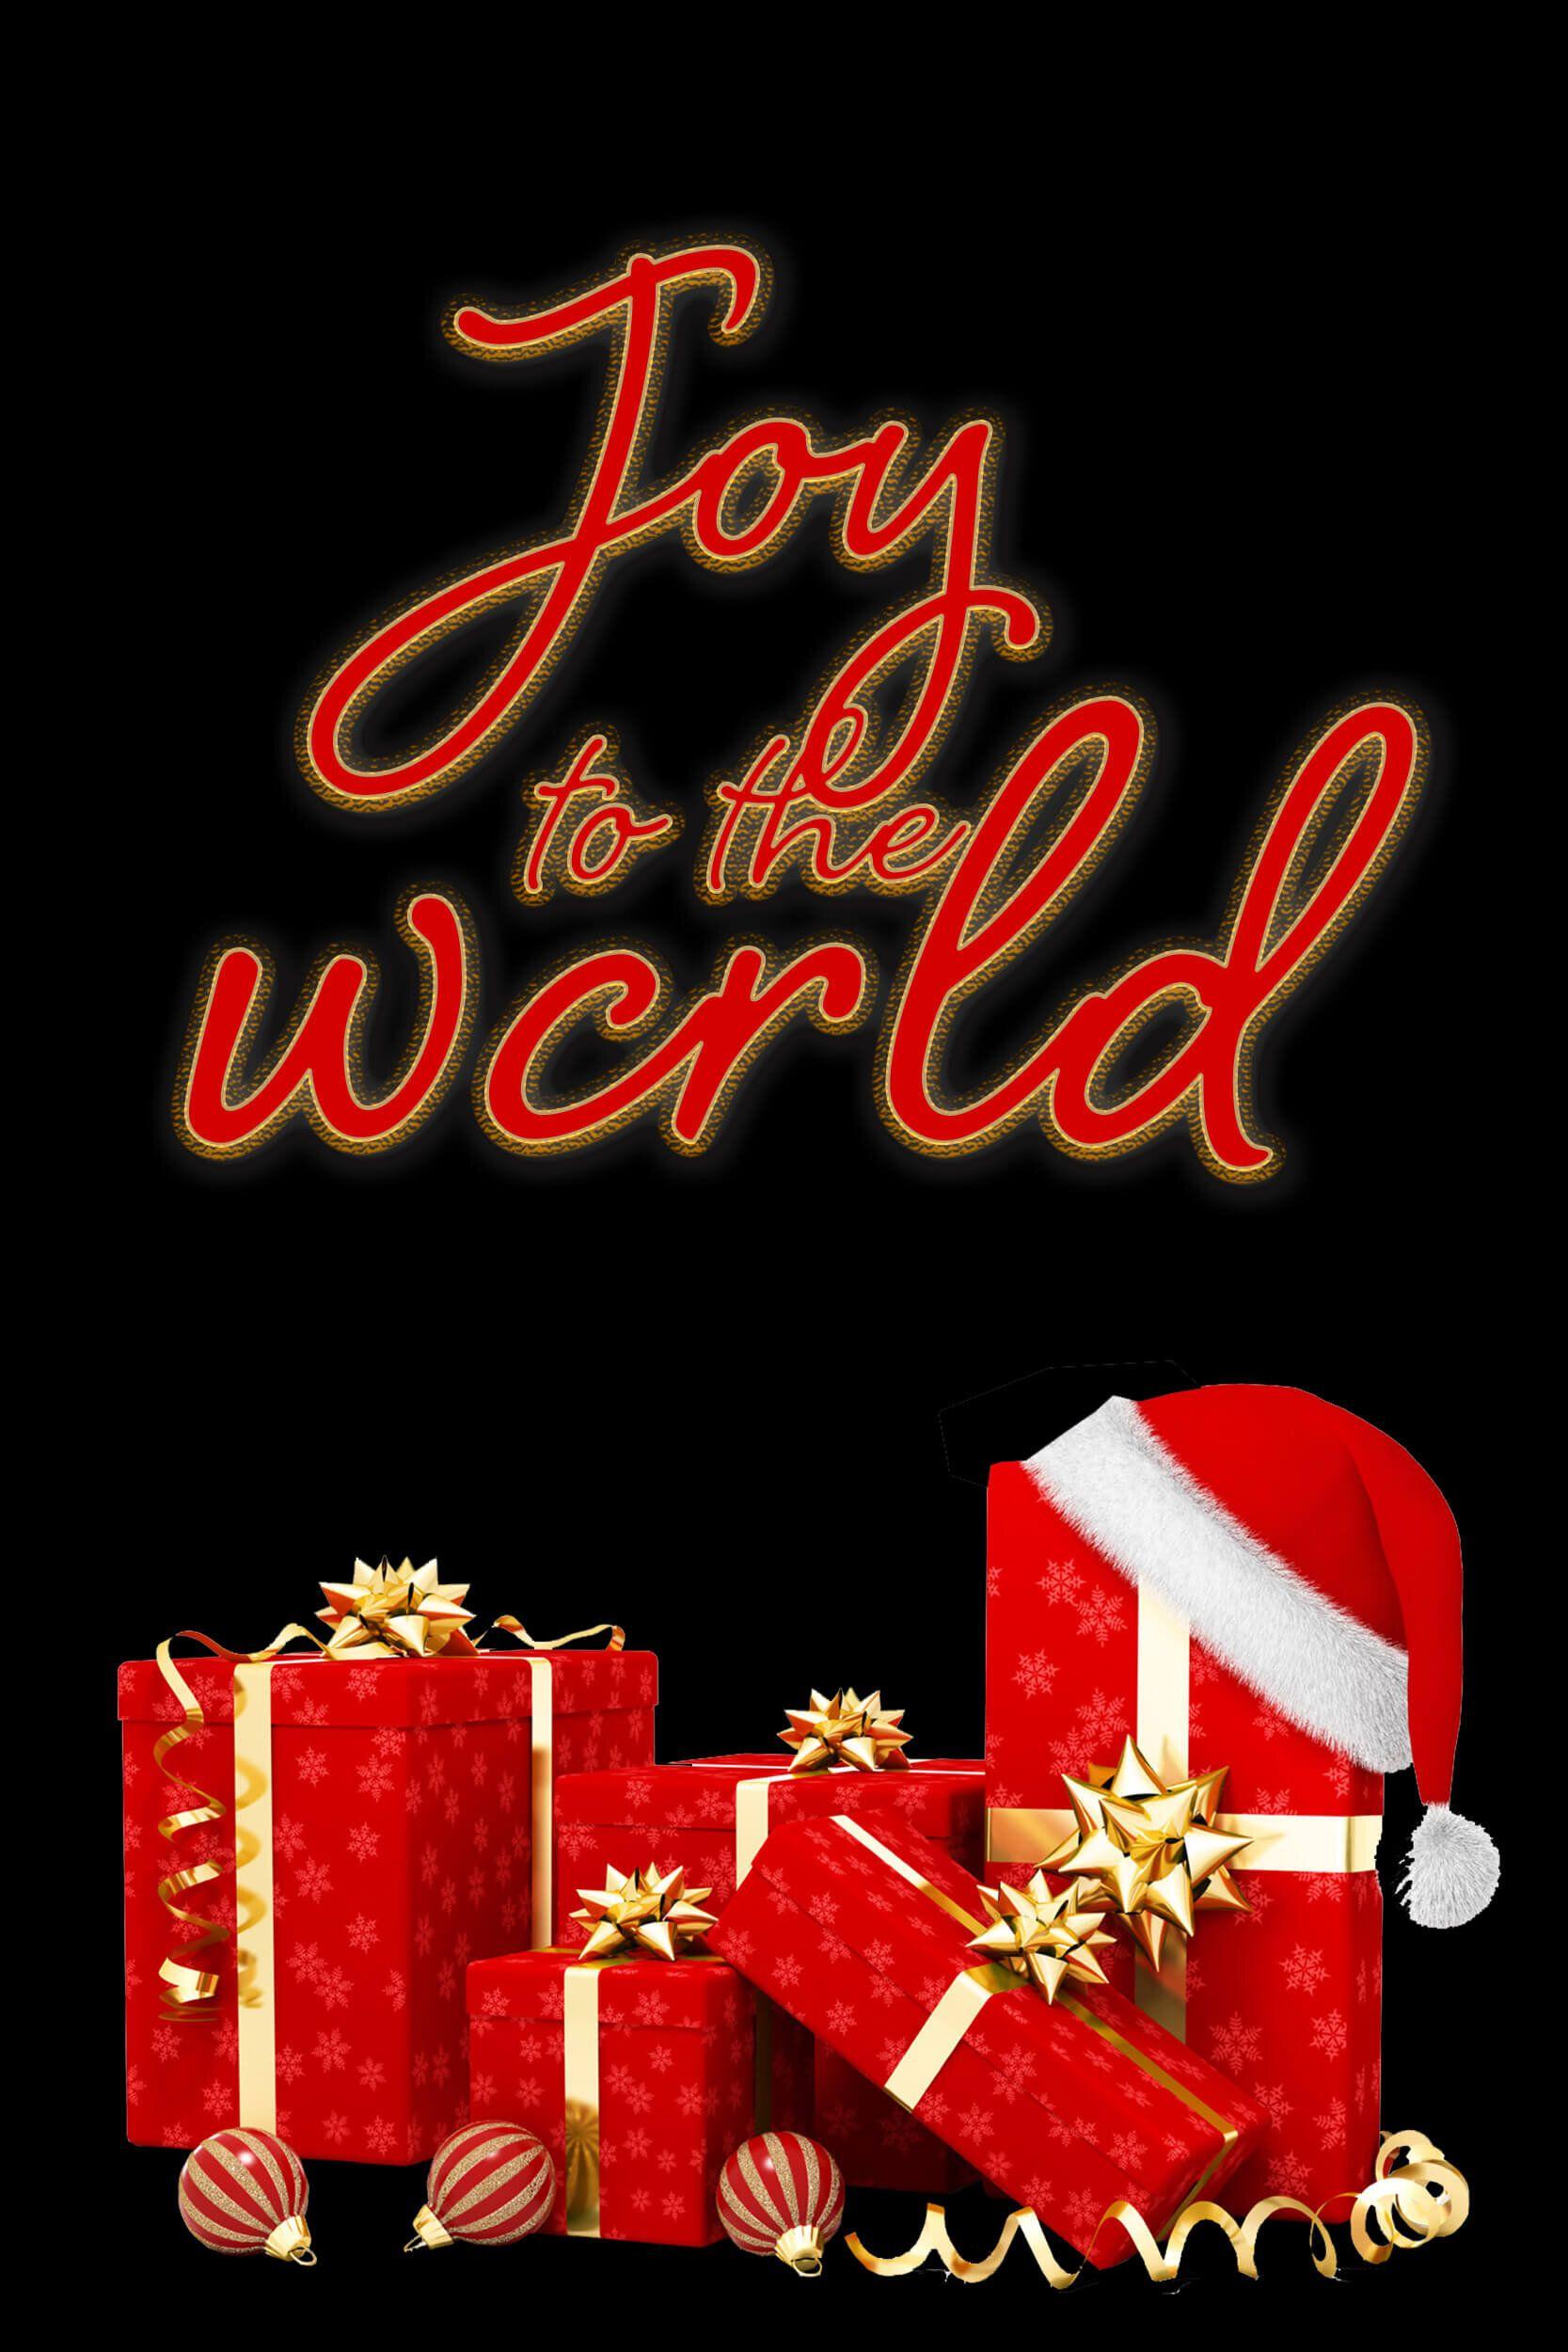 Christmas Images — Obricon Christmas images, Christmas